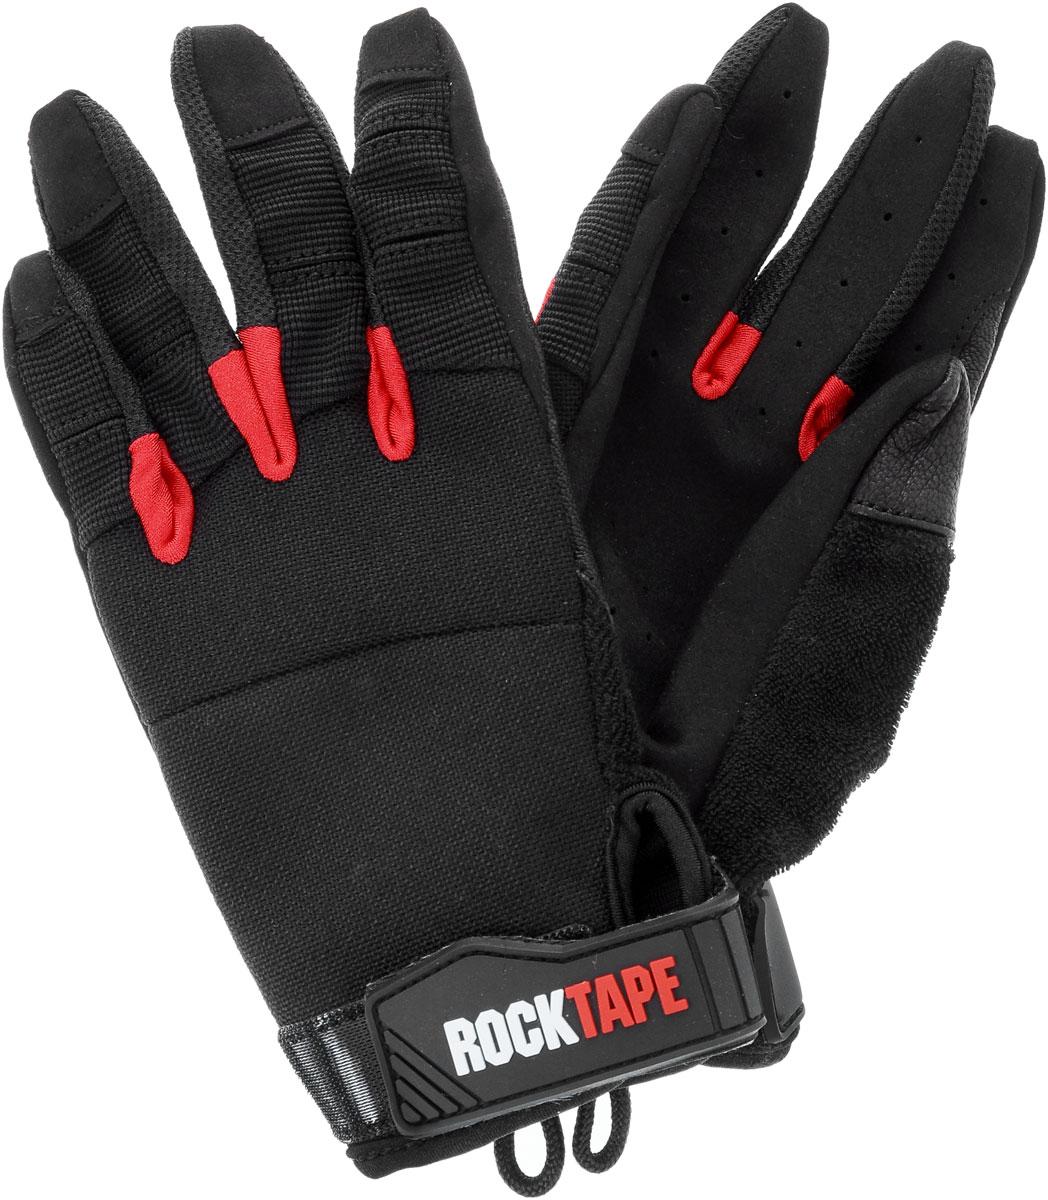 Перчатки Rocktape Talons, цвет: черный, красный. Размер SRTTls-SRocktape Talons - это функциональные перчатки для спорта. Руль велосипеда, турник, штанга - за что бы вы ни взялись, перчатки обеспечат максимальную защиту и поддержку! Уверенный хват и больше никаких стертых рук, волдырей и мозолей!Особенности перчаток:Дружелюбны к сенсорным экранам.Без швов на ладонях.Силиконовая накладка false-grip поможет в выходах силой.Защита большого пальца при захвате штанги.Впитывают пот.Дышащий материал по боковым поверхностям пальцев.Удобные петли.Рассчитаны на работу с мелом.Обхват ладони ниже костяшки: 18 см.